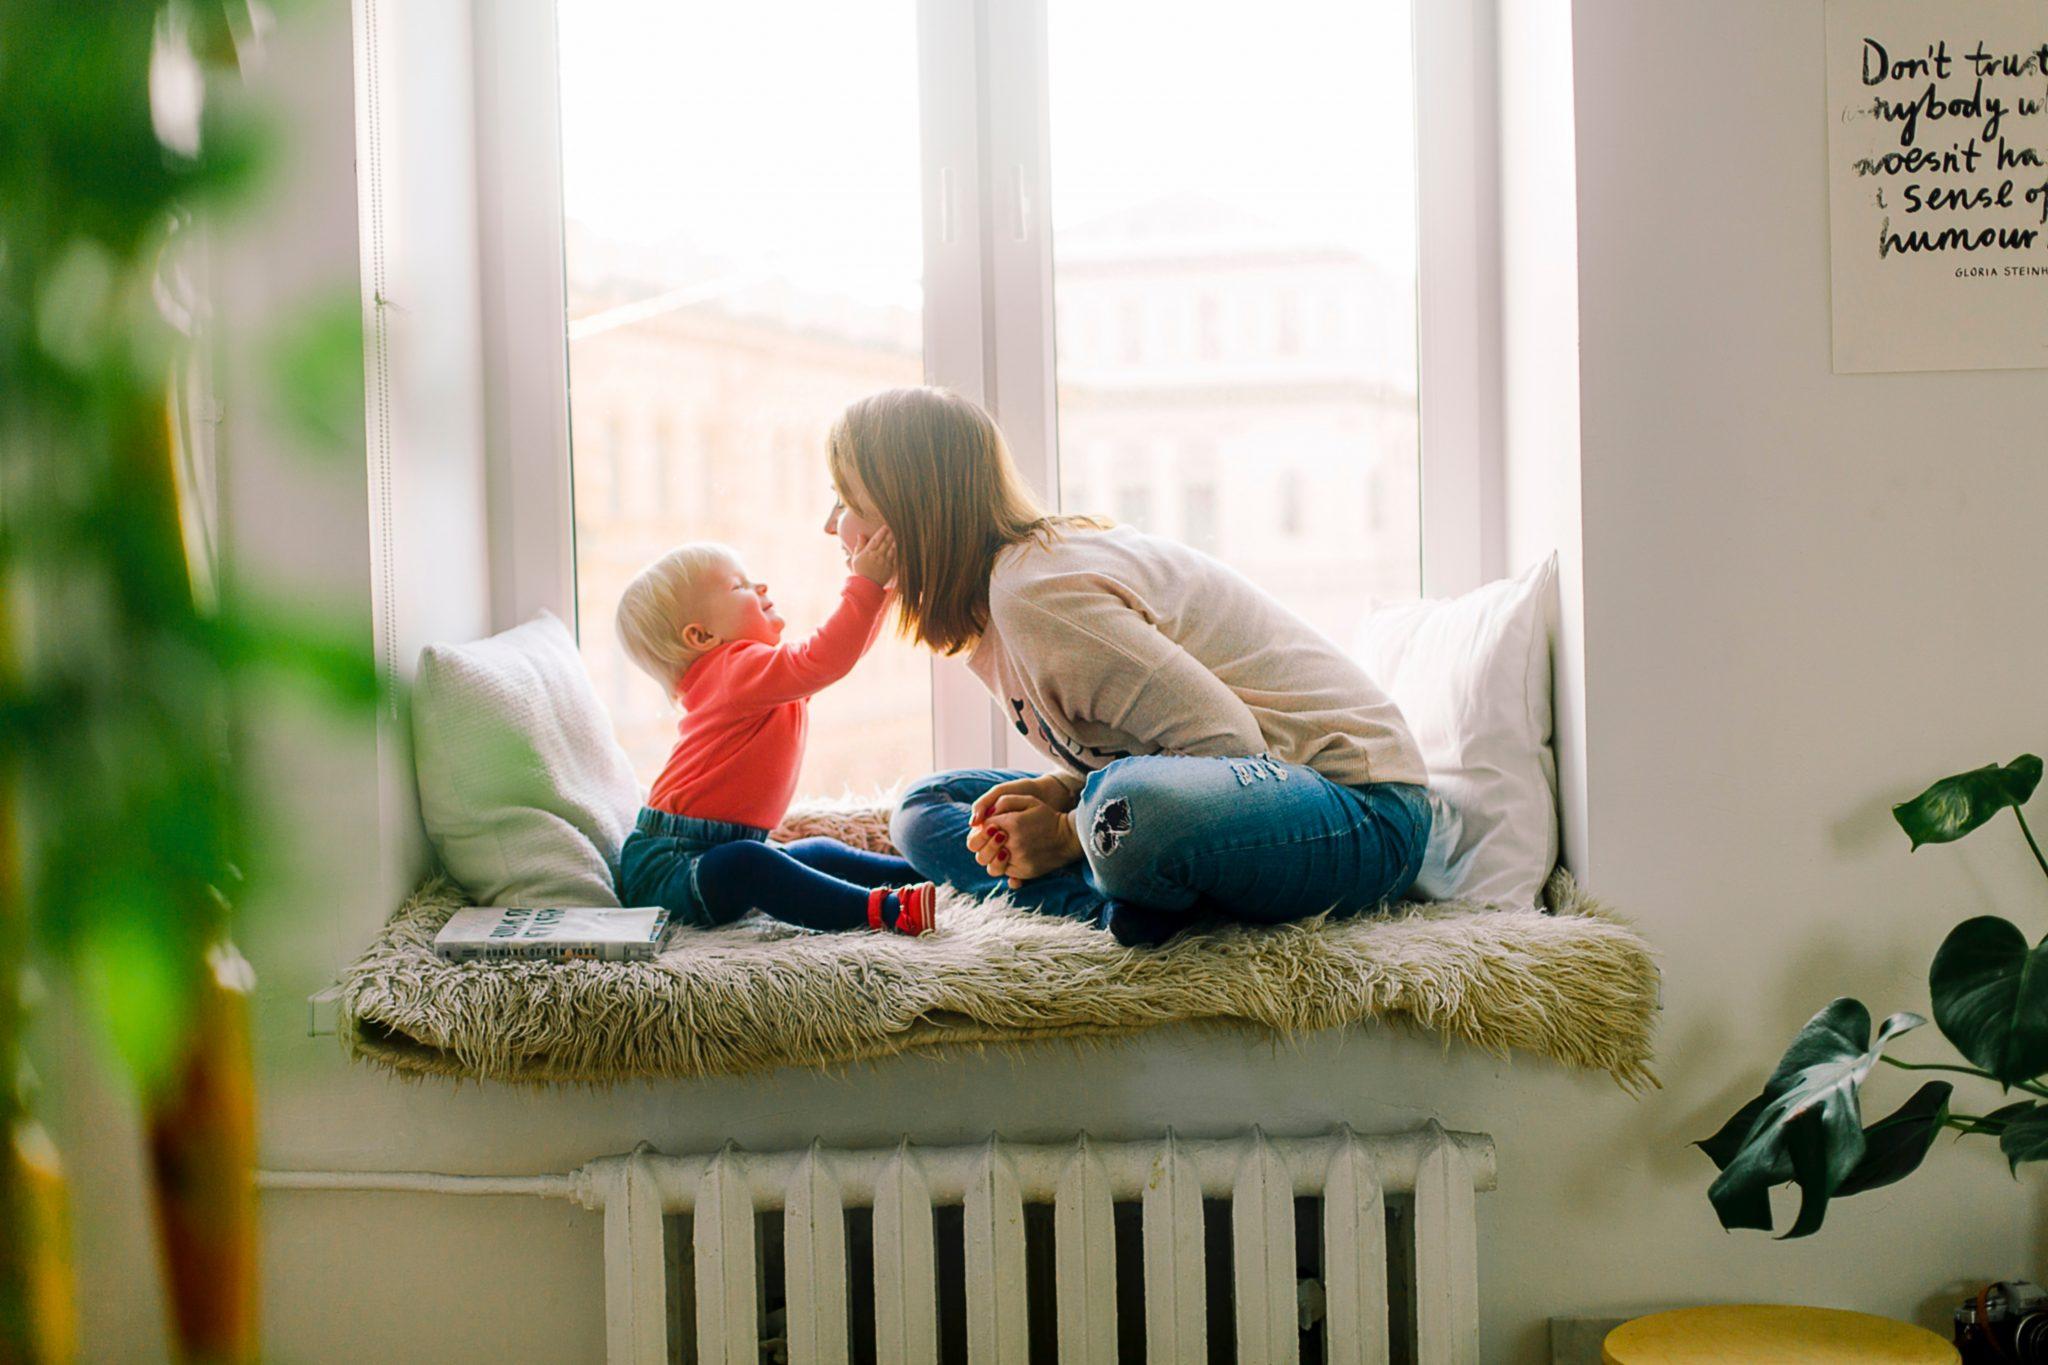 Çalışan anne, çalışırken emzirmek, işyerinde süt sağmak, süt sağma pompası, anne sütü nasıl saklanır